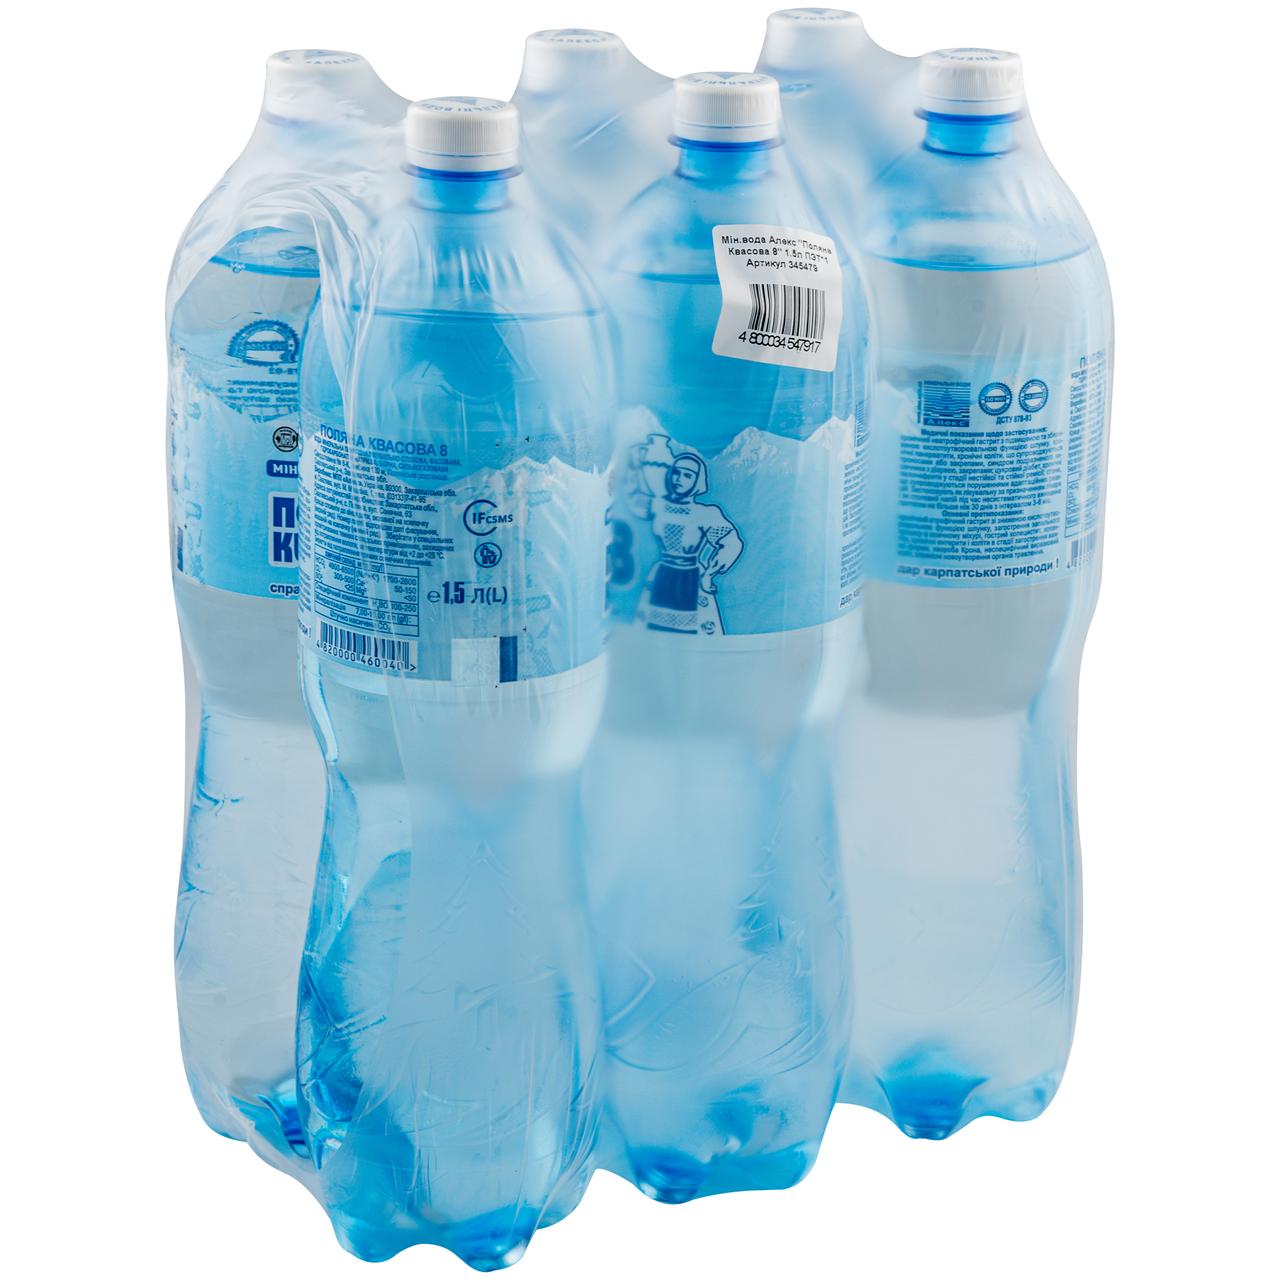 Вода мінеральна Алекс Поляна Квасова 8 сил/газ 1,5л